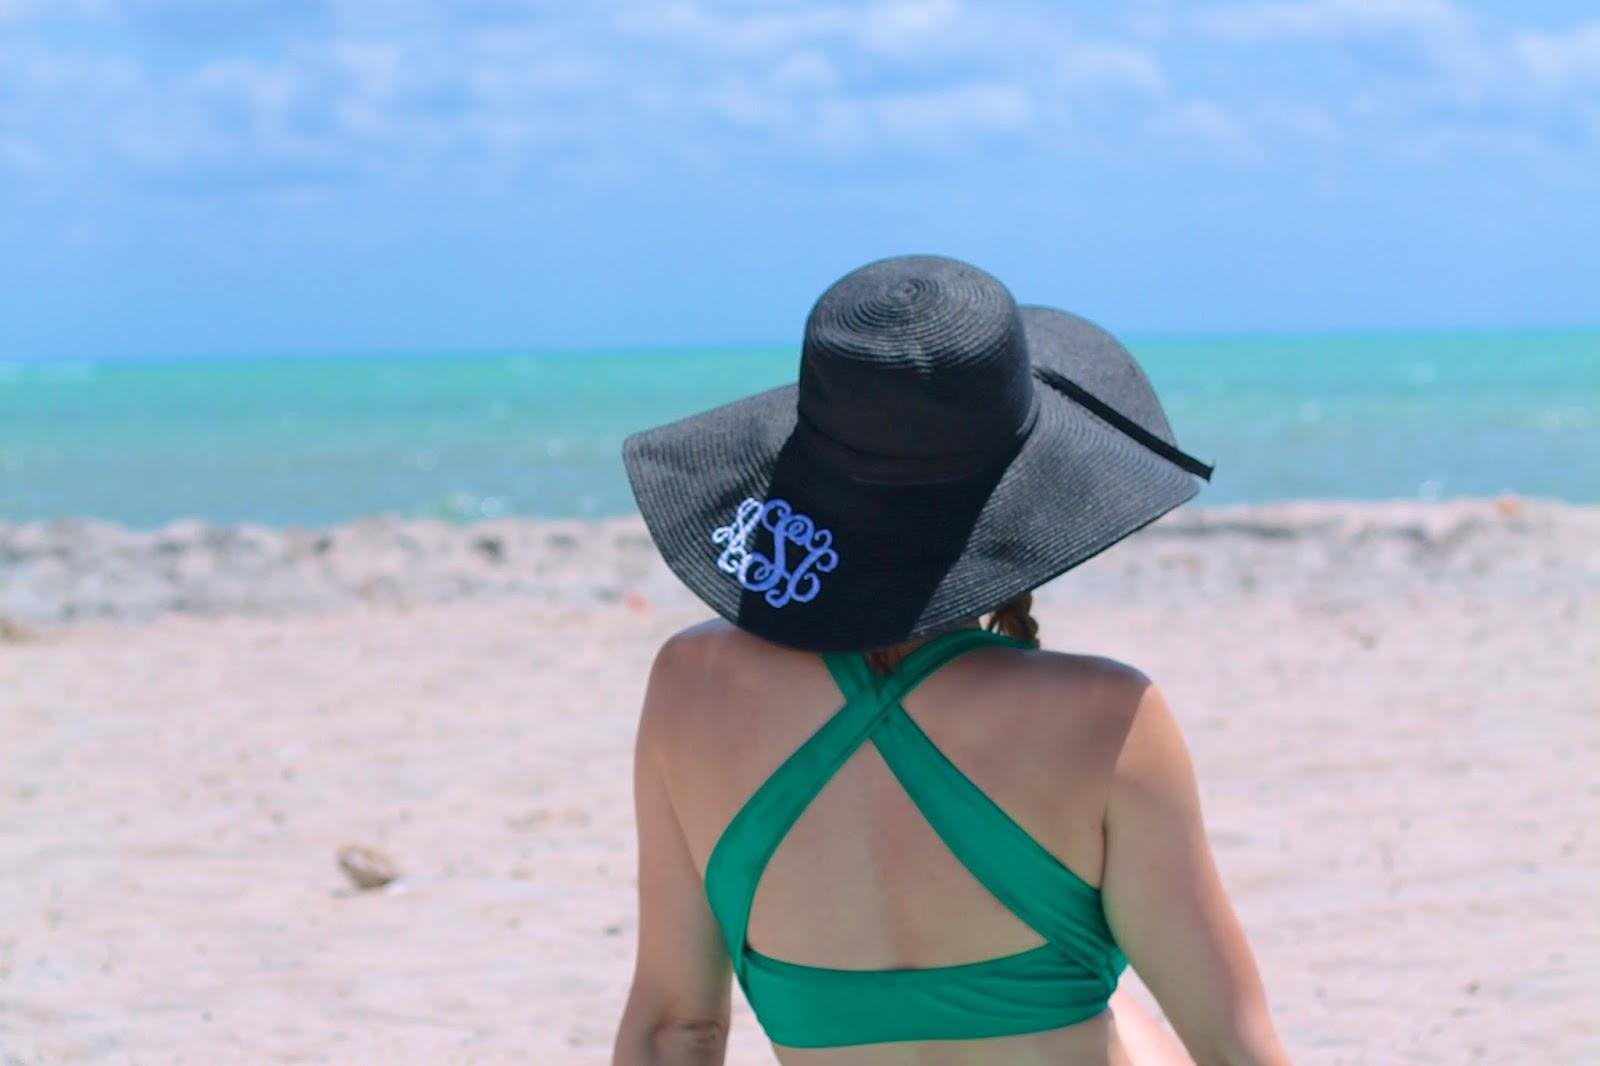 Albion Fit, Blue Planet Eyewear, Dixieland Monogram, GAP, Soludos, Miami blogger, Miami fashion blogger, summer style, swimwear, outfit ideas, bikinis, fashion blogger, style blogger, fashion blog, style blog